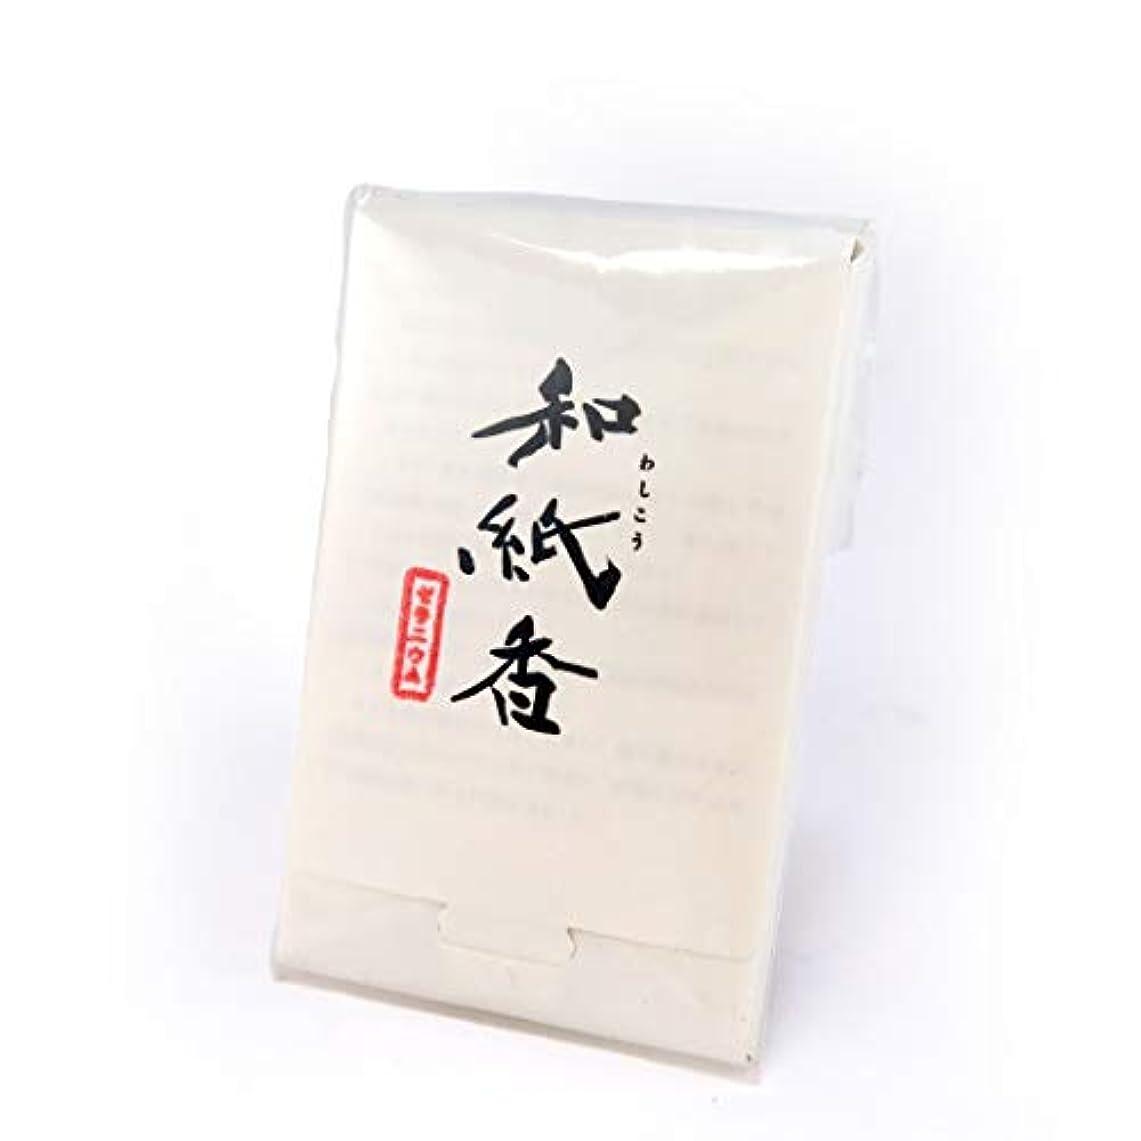 クライマックス料理ロイヤリティ大発のお香 和紙香(わしこう) ゼラニウム